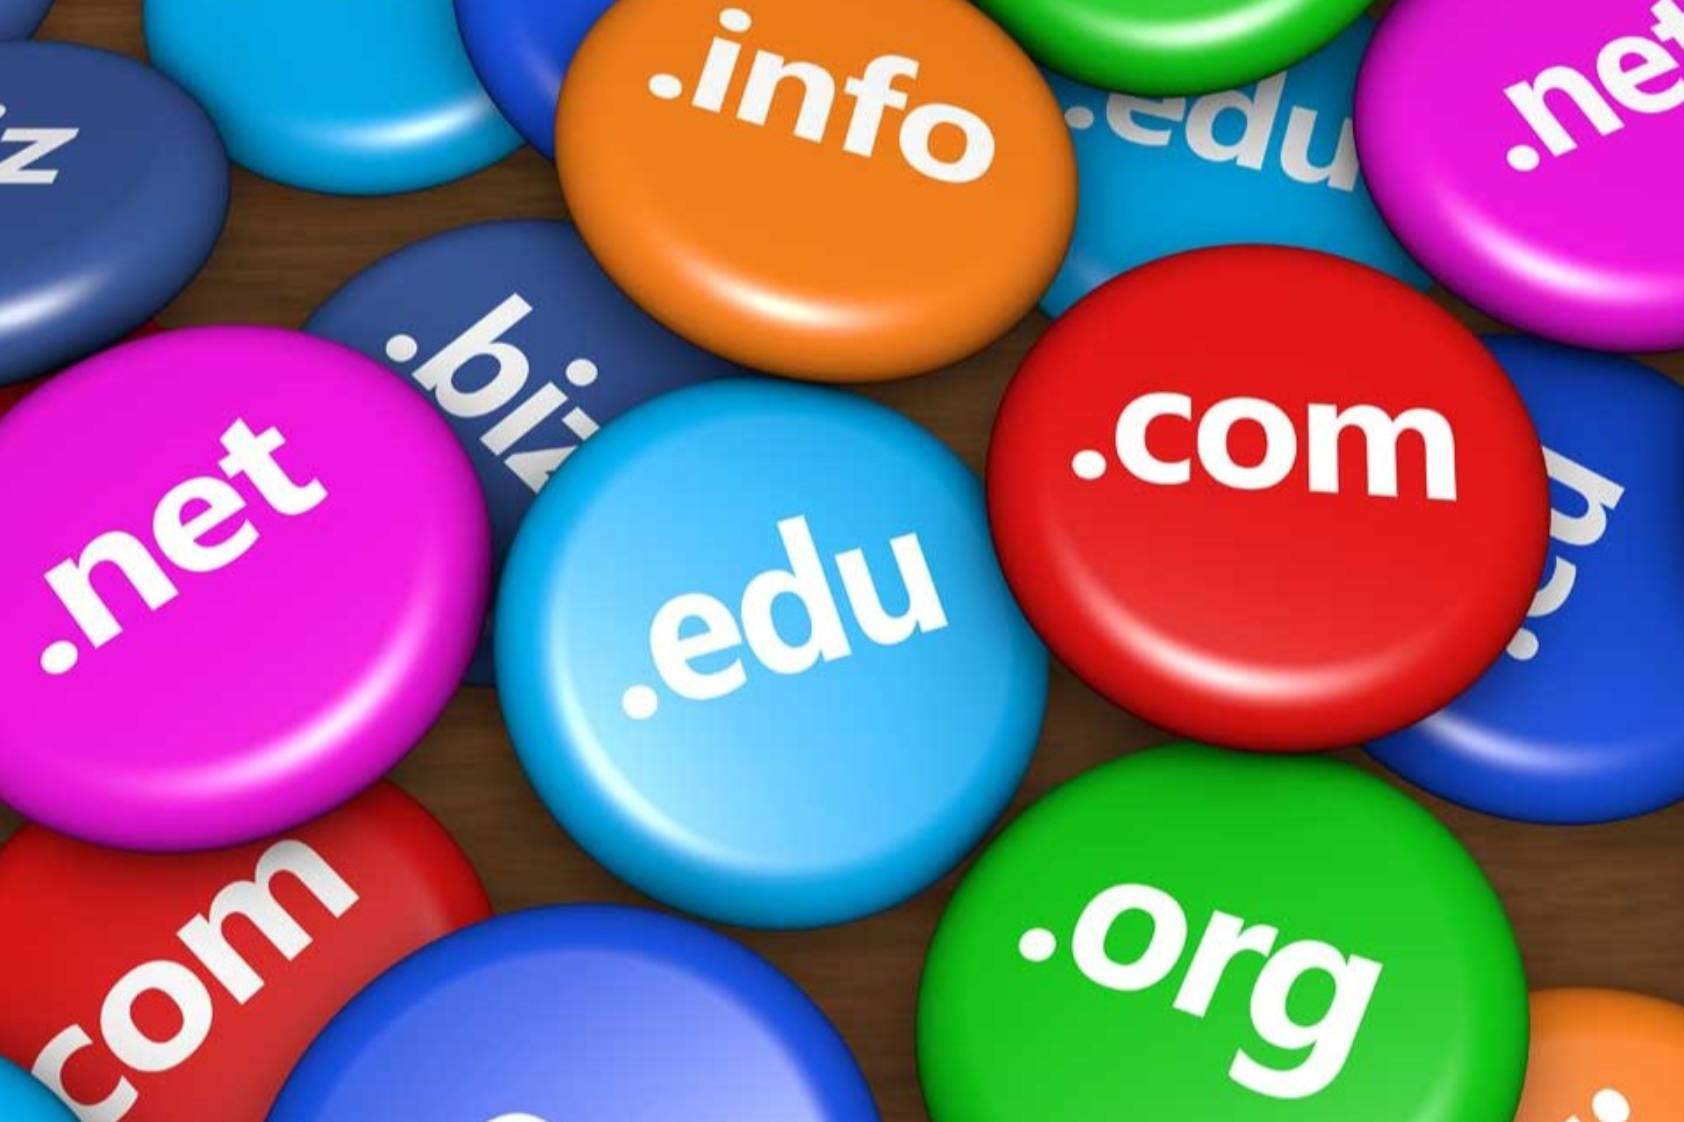 ¿Porqué aumentó el número de dominios digitales durante la pandemia COVID19?